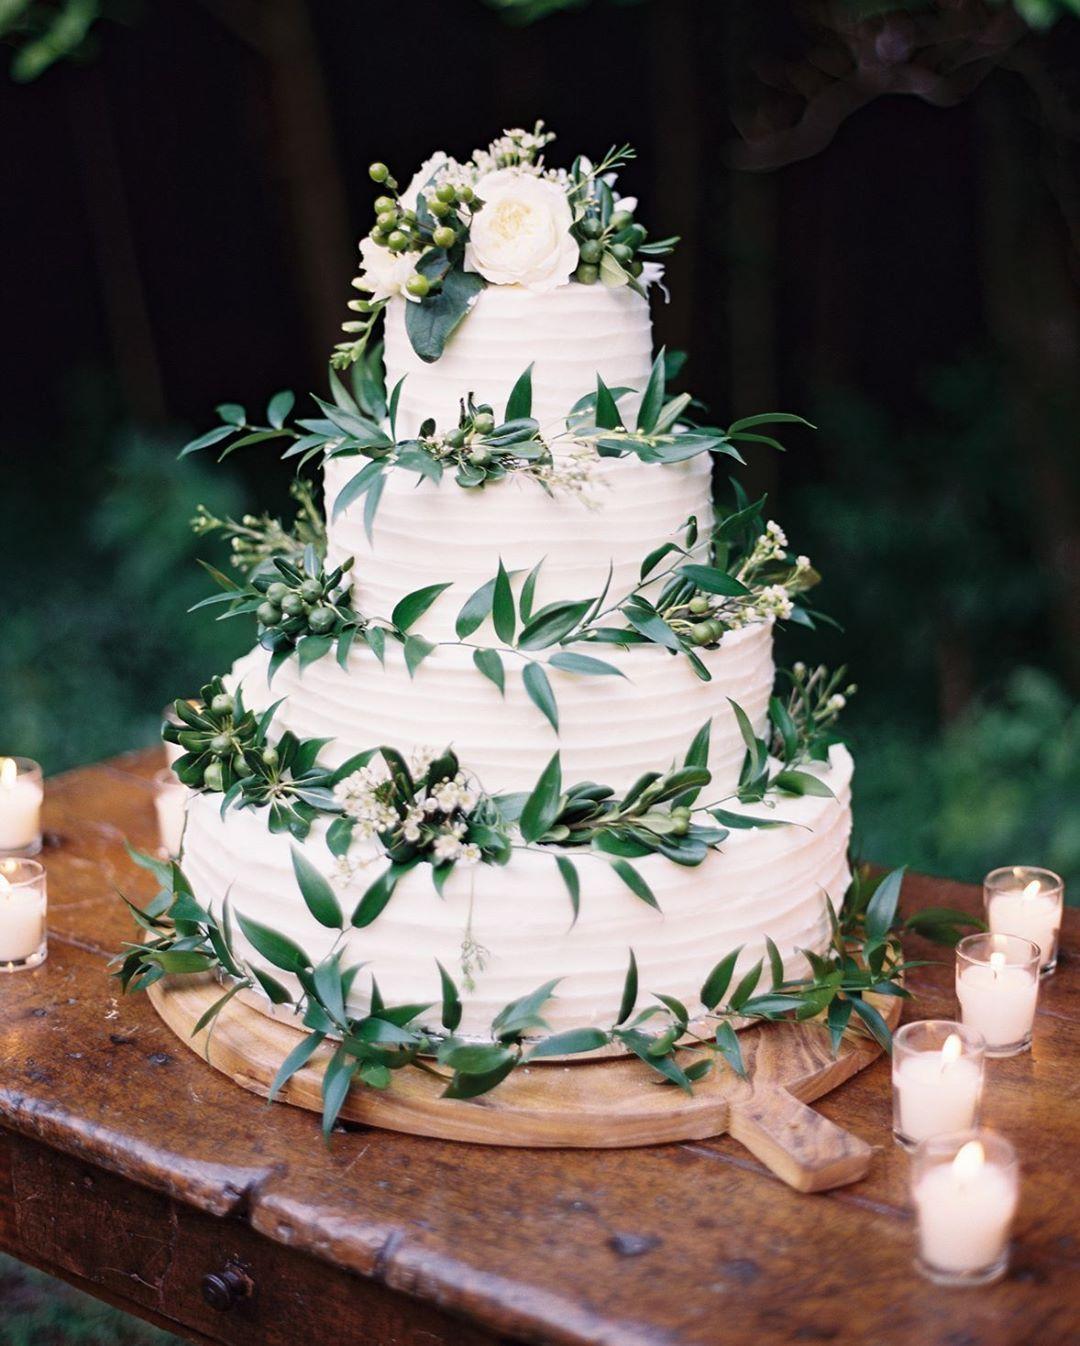 Lovely 3 Tier Buttercream Wedding Cake Mariannewhite: How Lovely Is This Four-tier Lemon Curd Buttercream